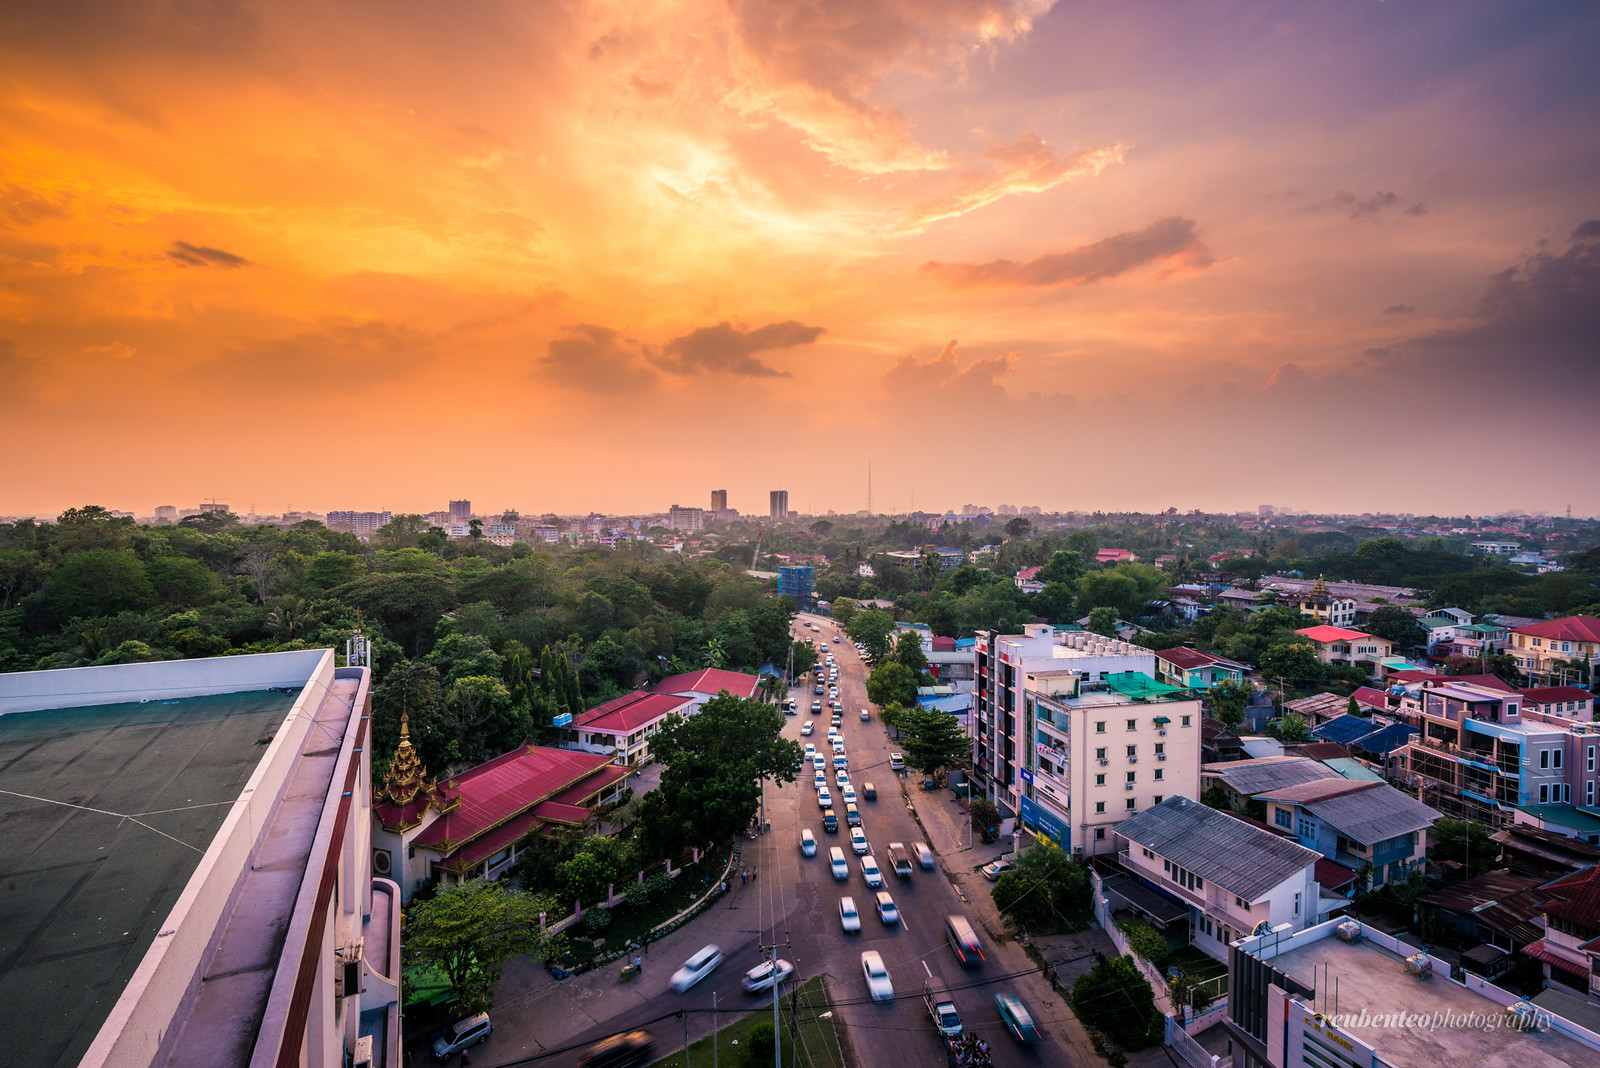 Yangon City at Sunset